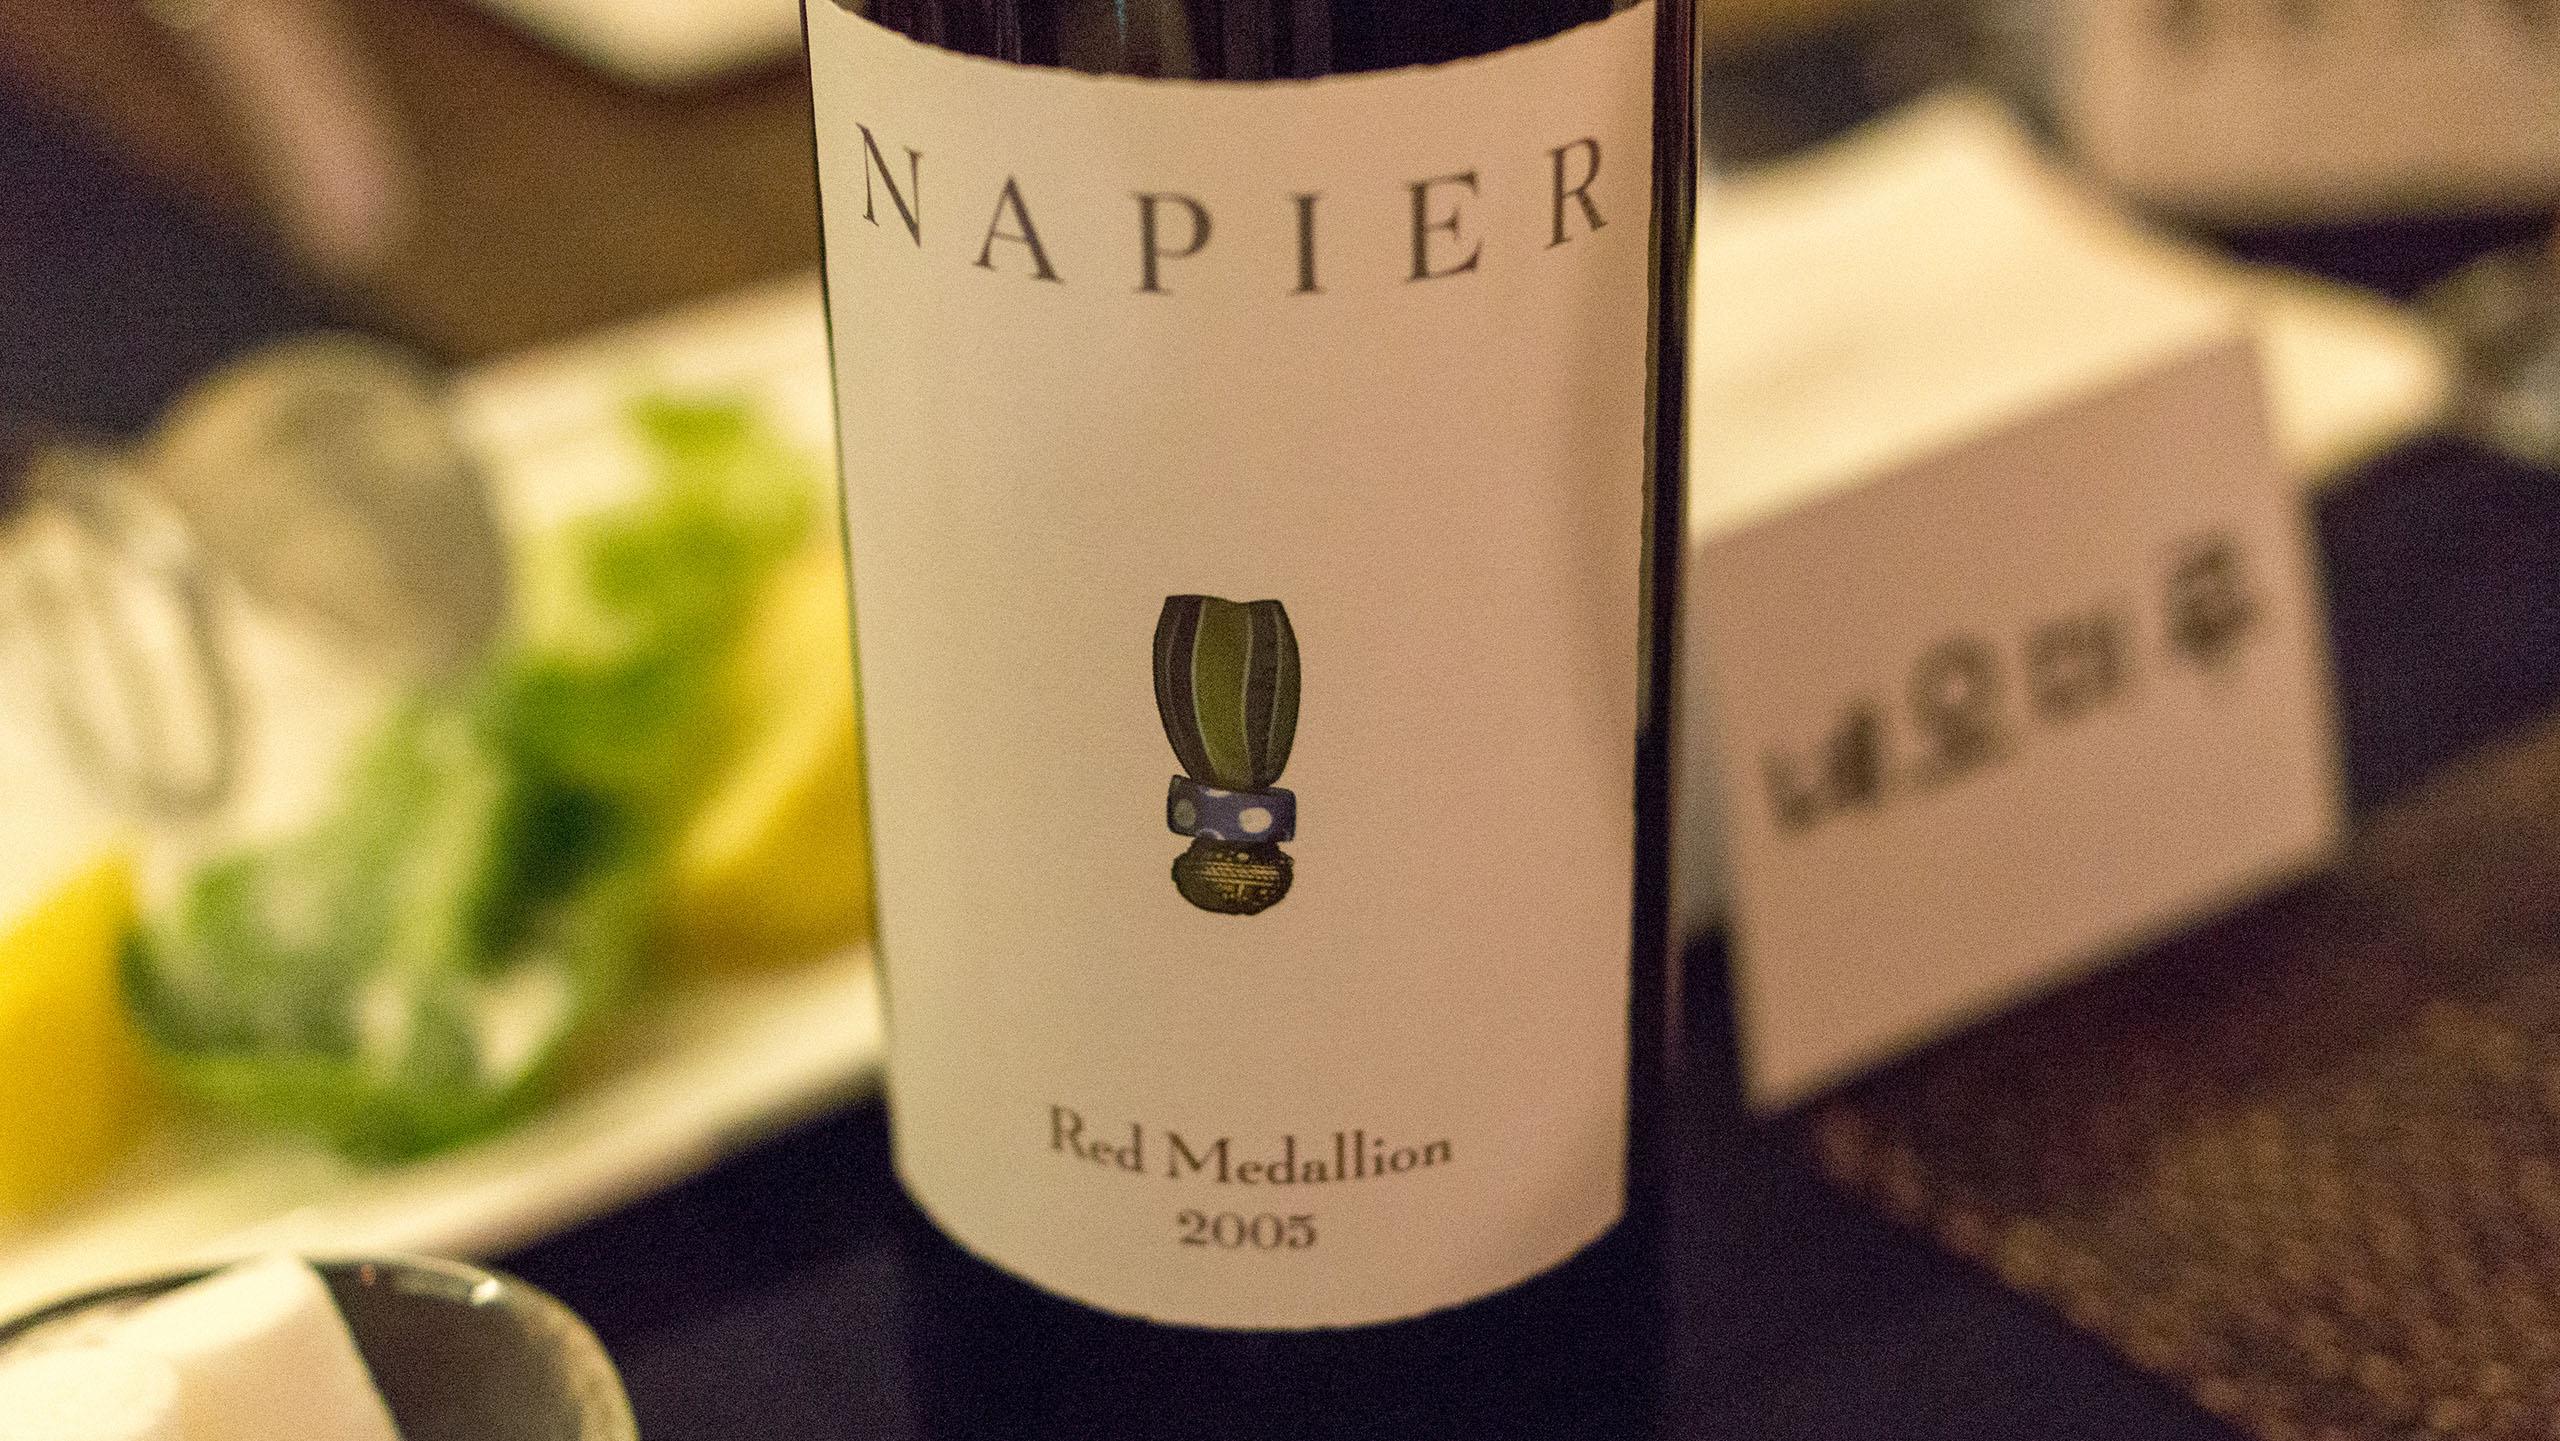 Napier Red Medallion 2005